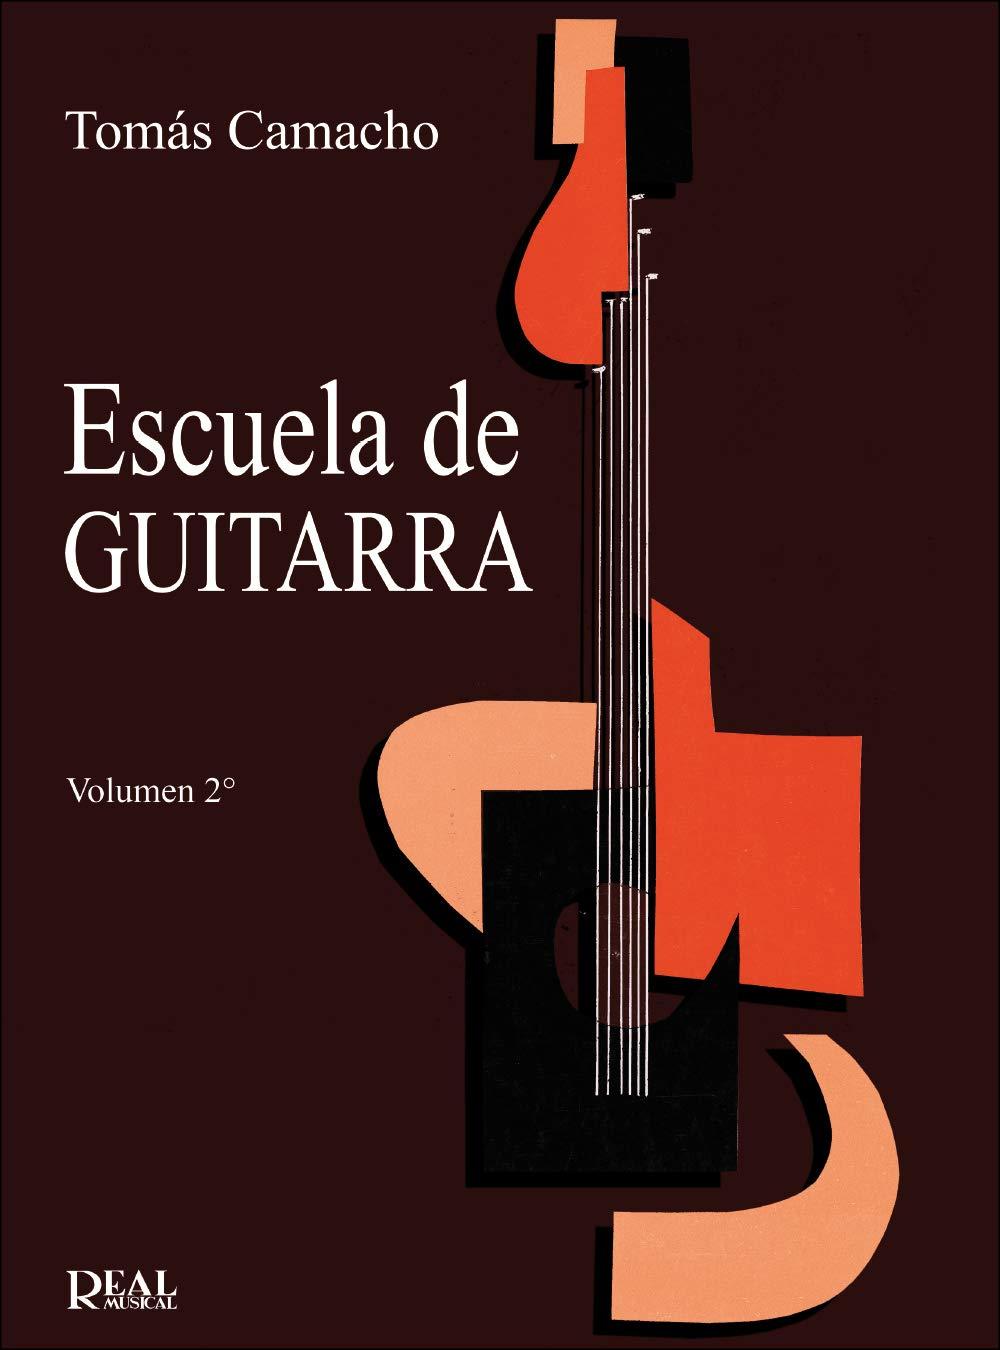 Escuela de Guitarra, Vol.2: Amazon.es: Camacho, Tomás, Guitar: Libros